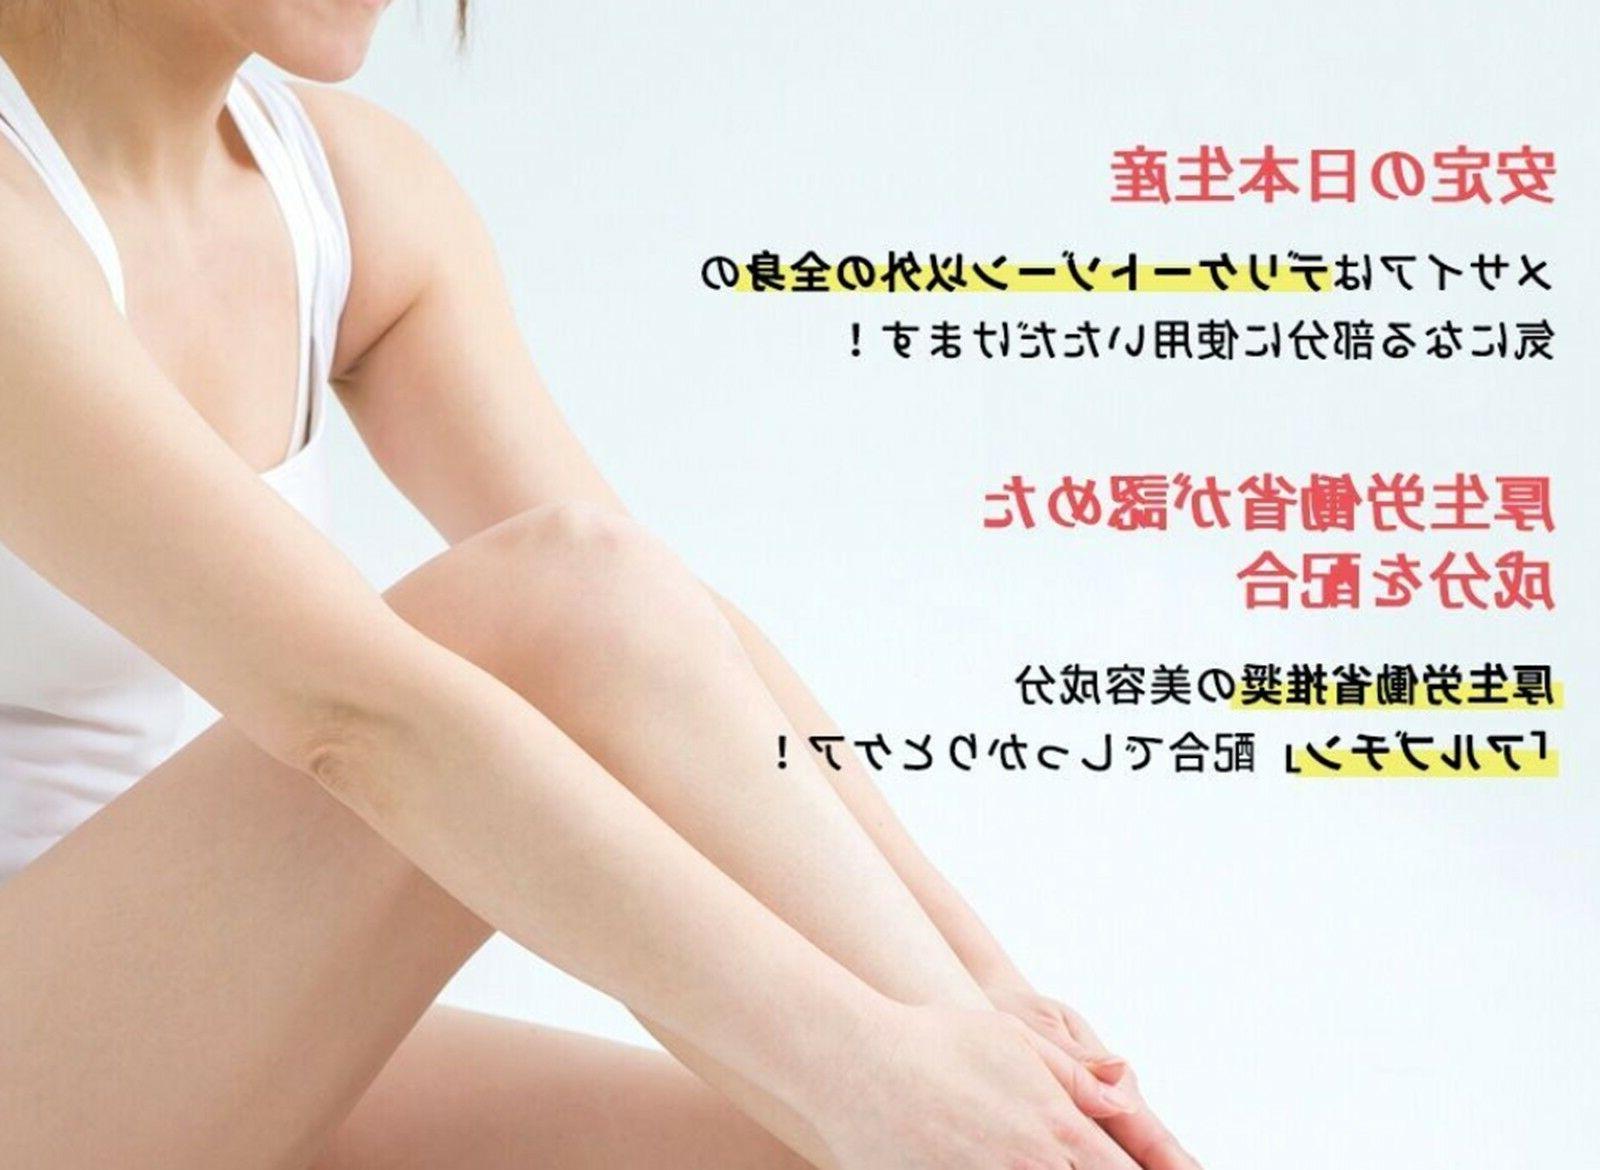 Messiah maternity cream 30g X nipple & zone skin cream